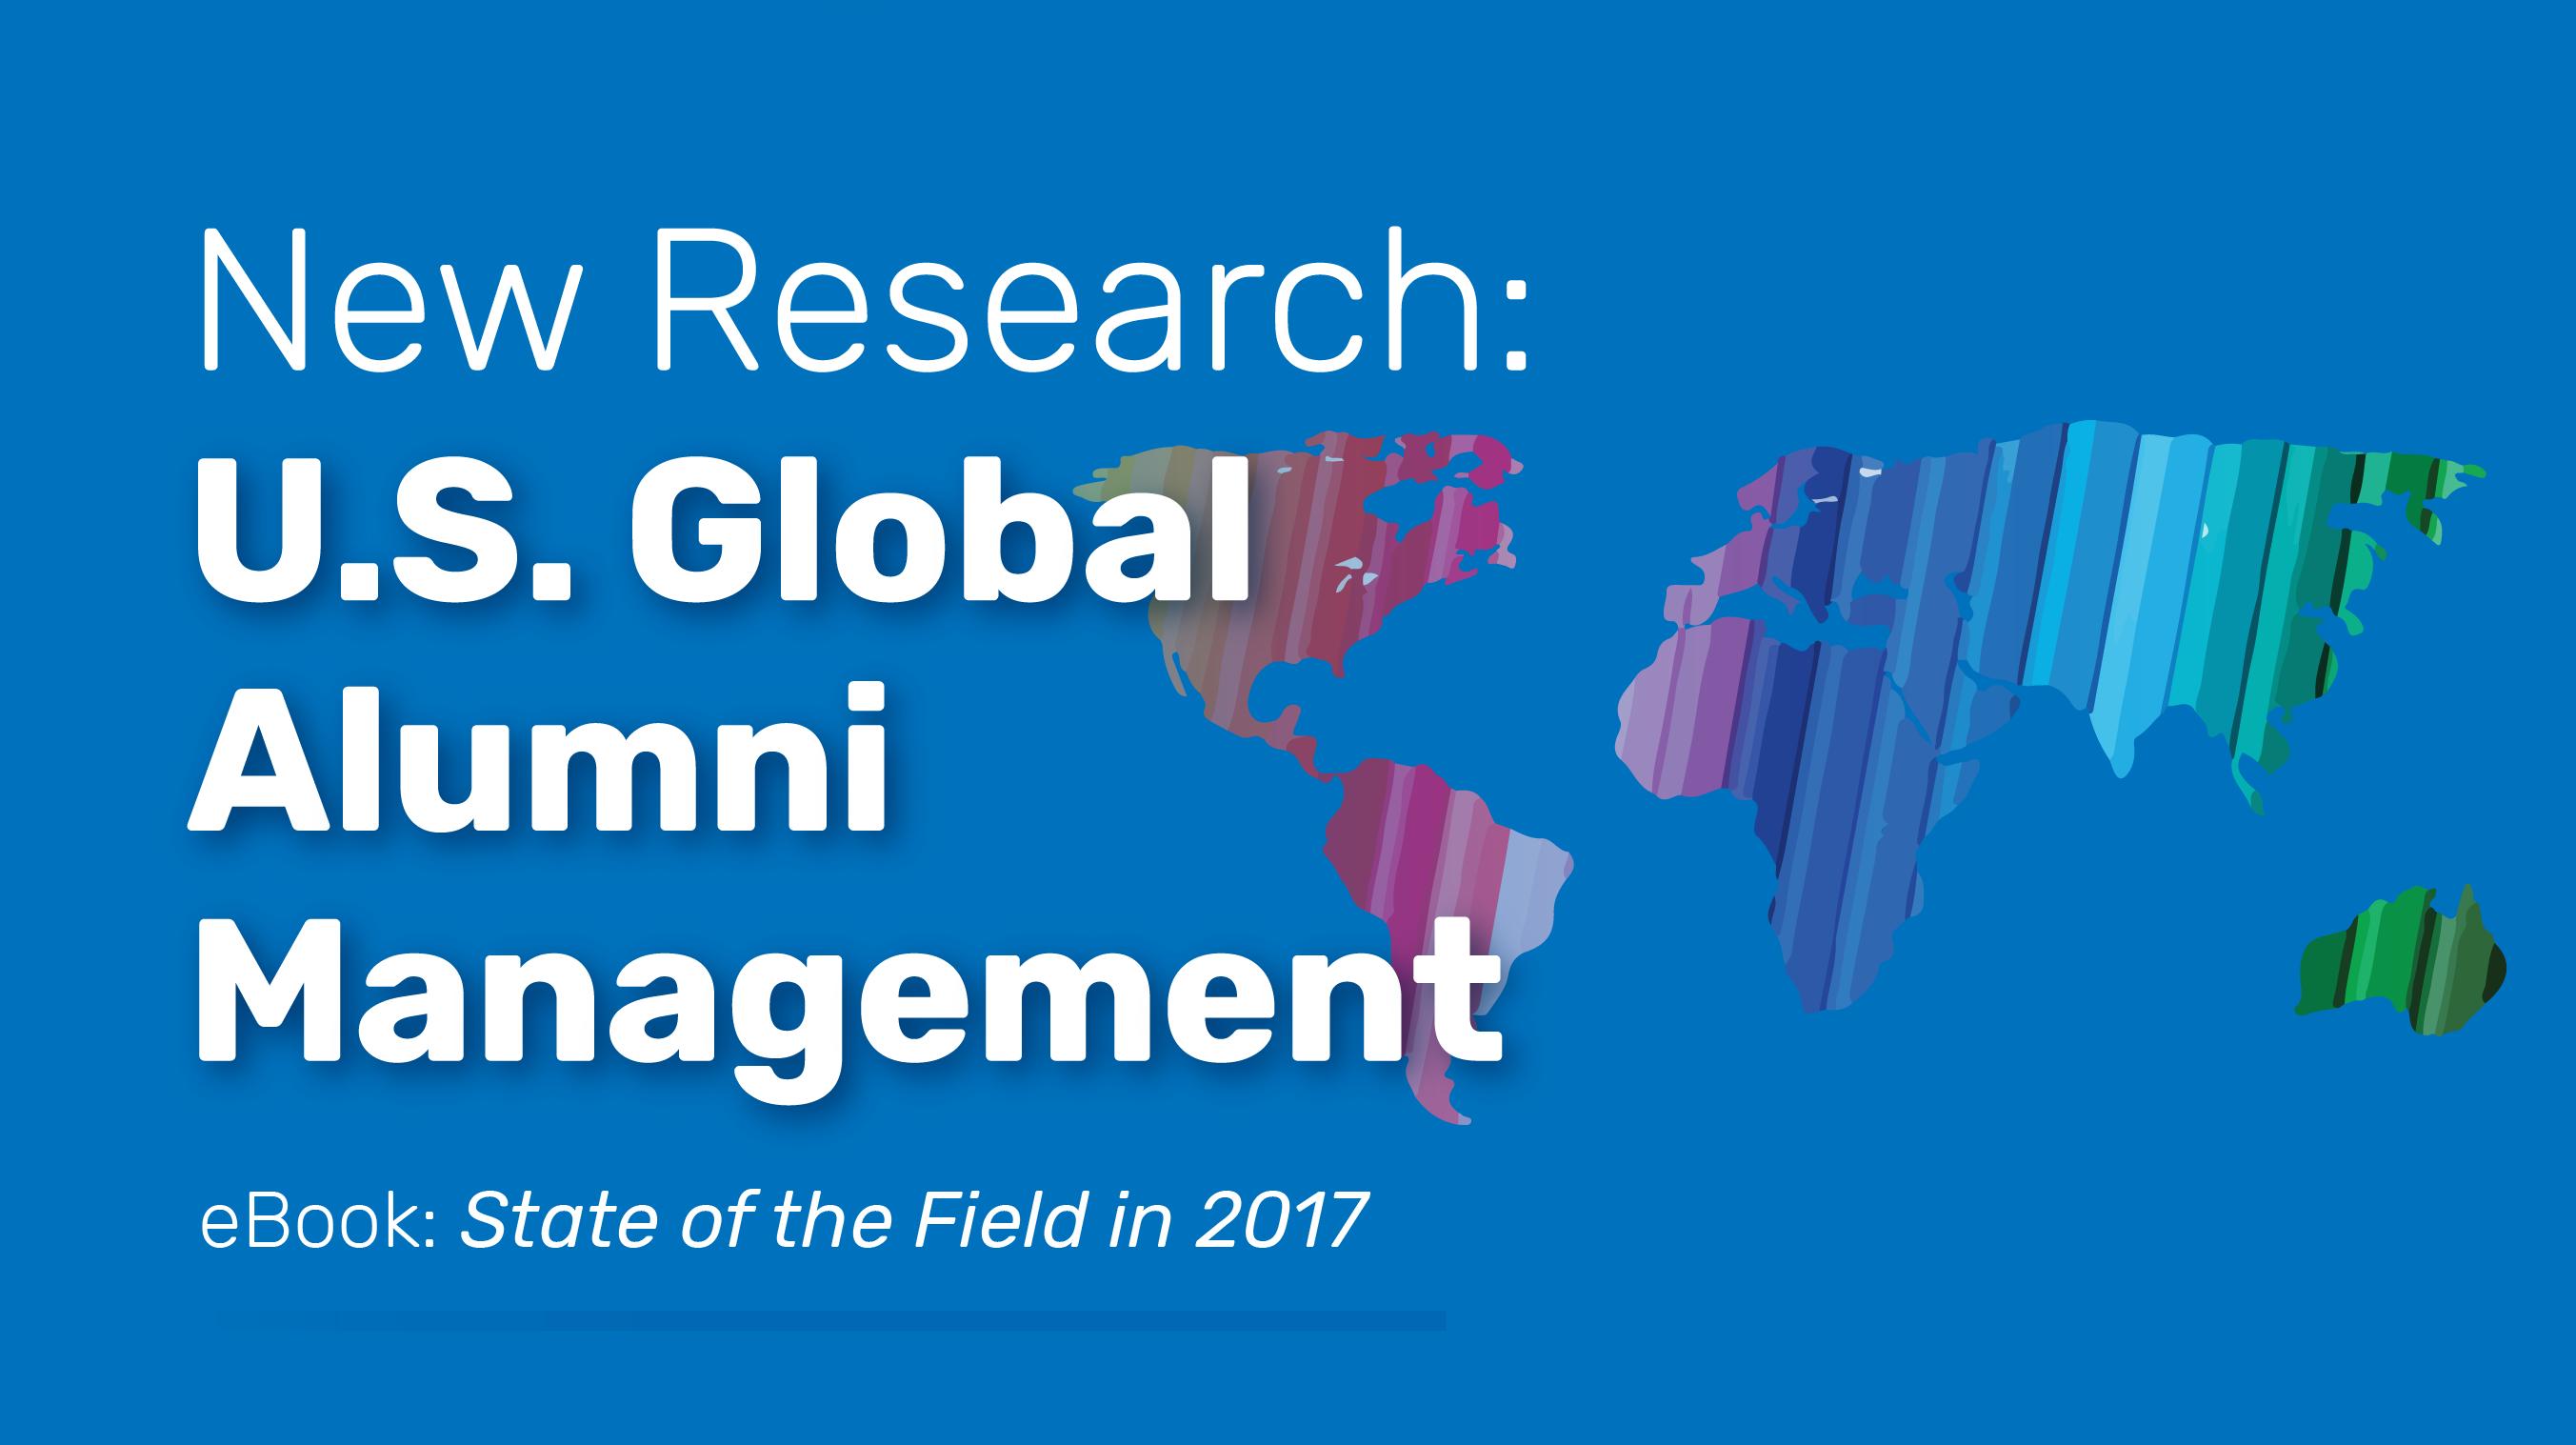 U.S. Global Alumni Management